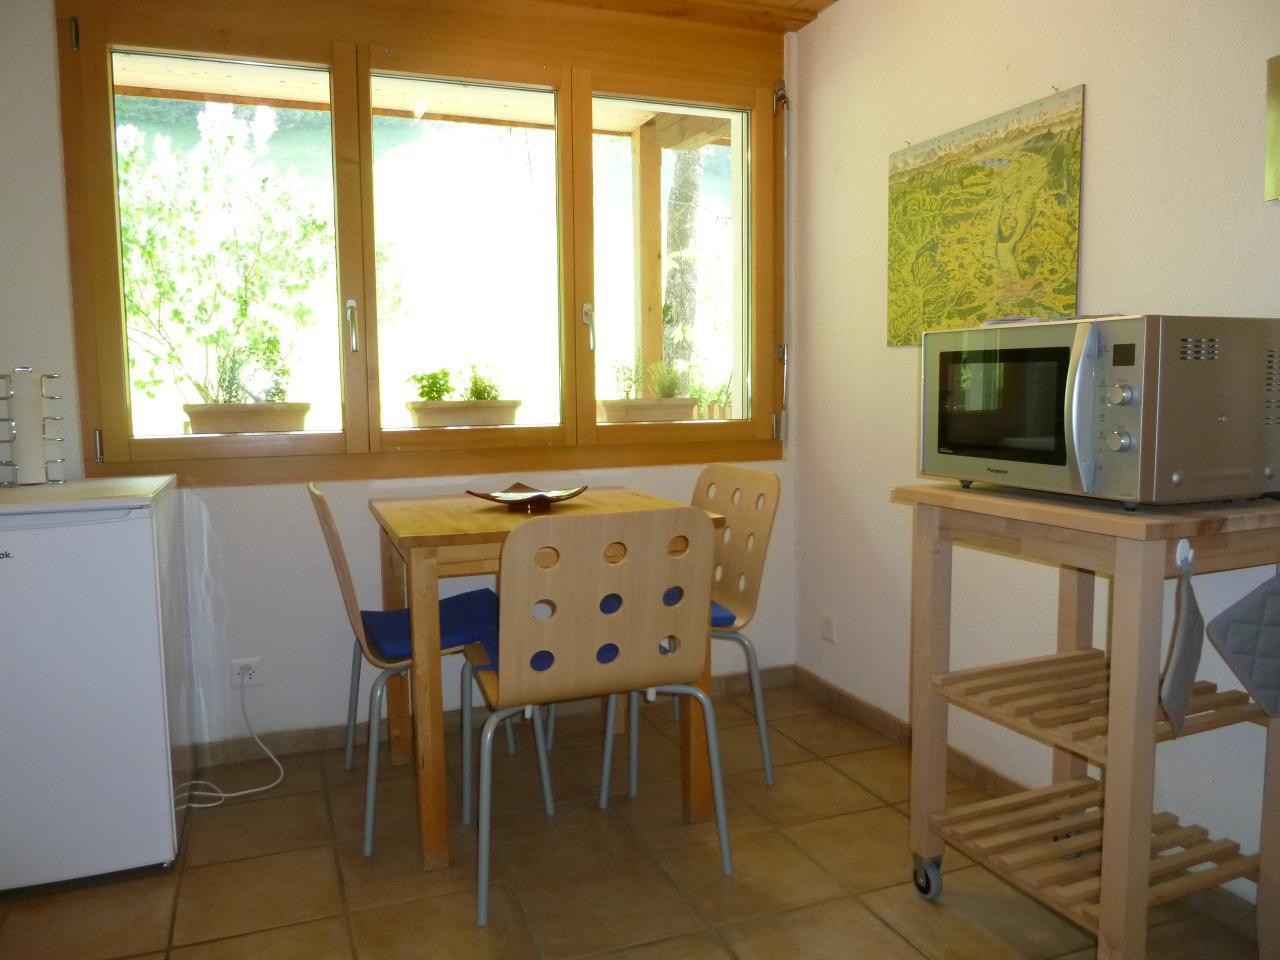 Appartement de vacances 2-Zimmer Wohnung im Ferienparadies Kandertal (2385249), Kandergrund, Adelboden - Frutigen - Kandersteg, Oberland bernois, Suisse, image 14